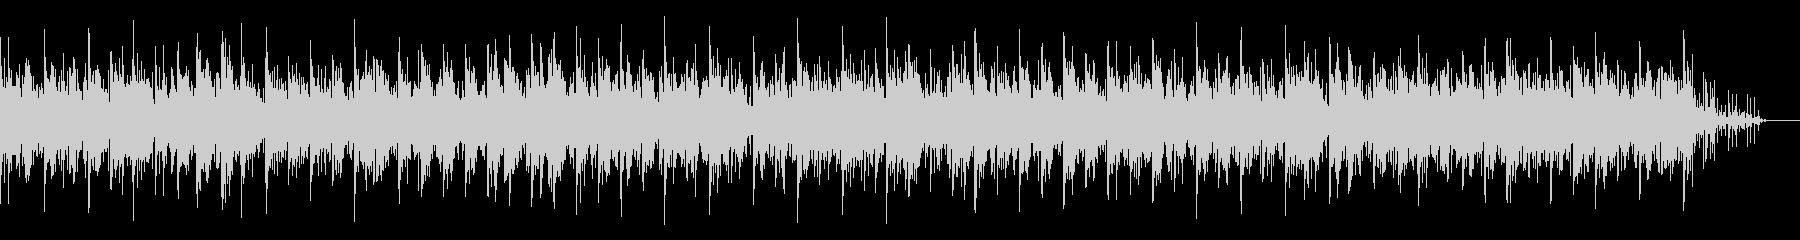 ミディアムテンポのチル系ピアノの未再生の波形